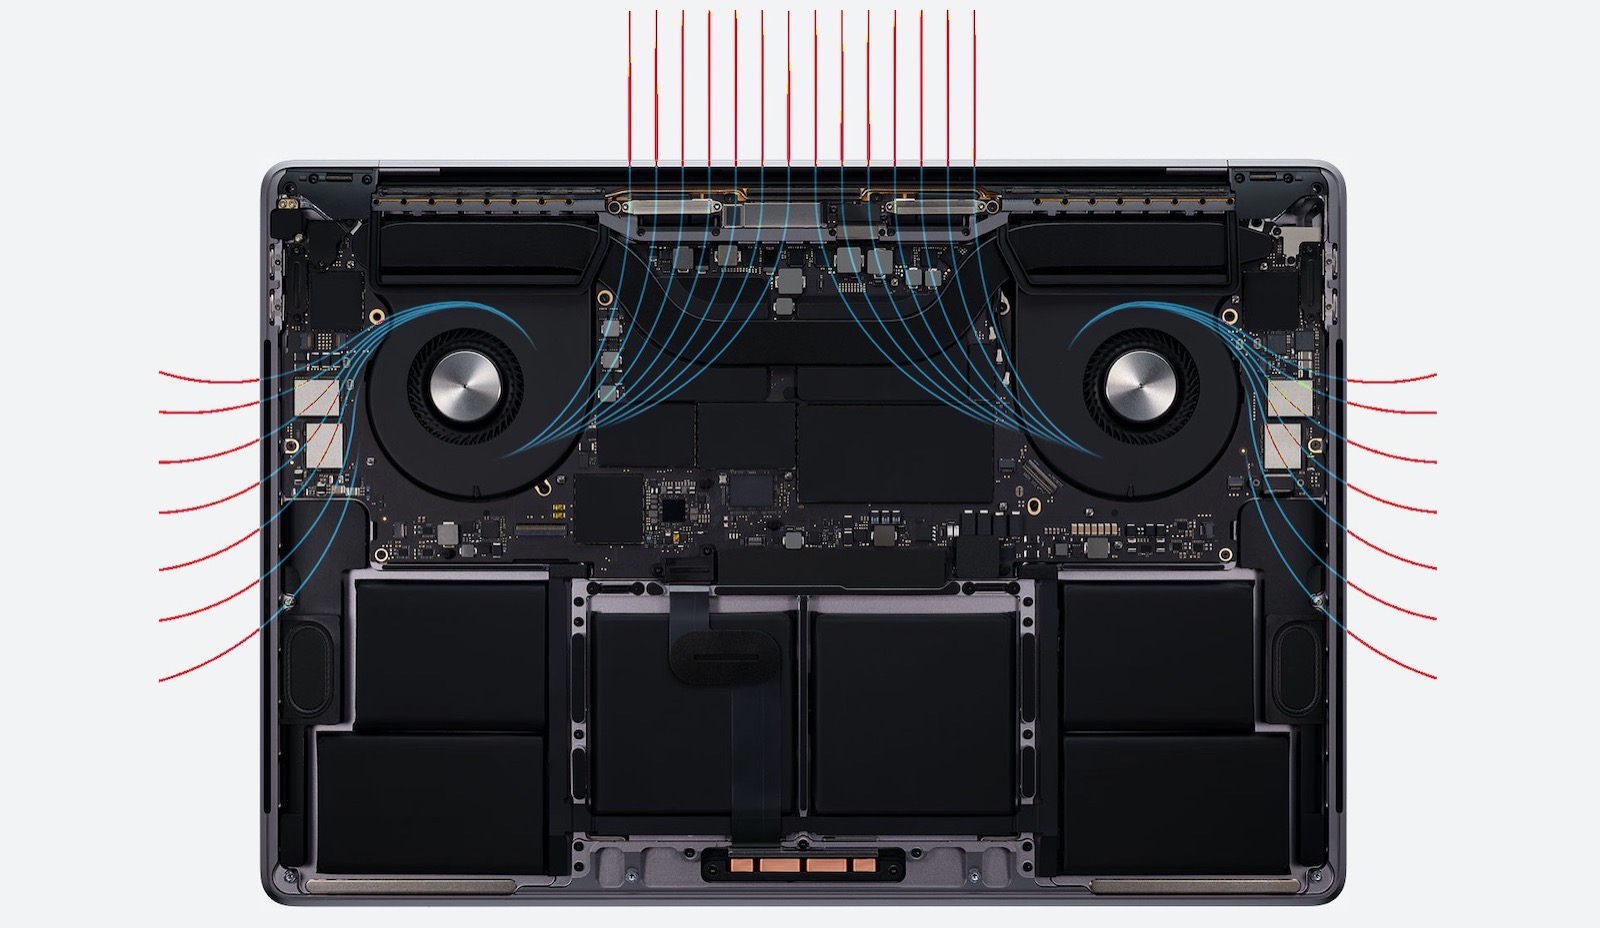 Macbook pro 16inch airflow